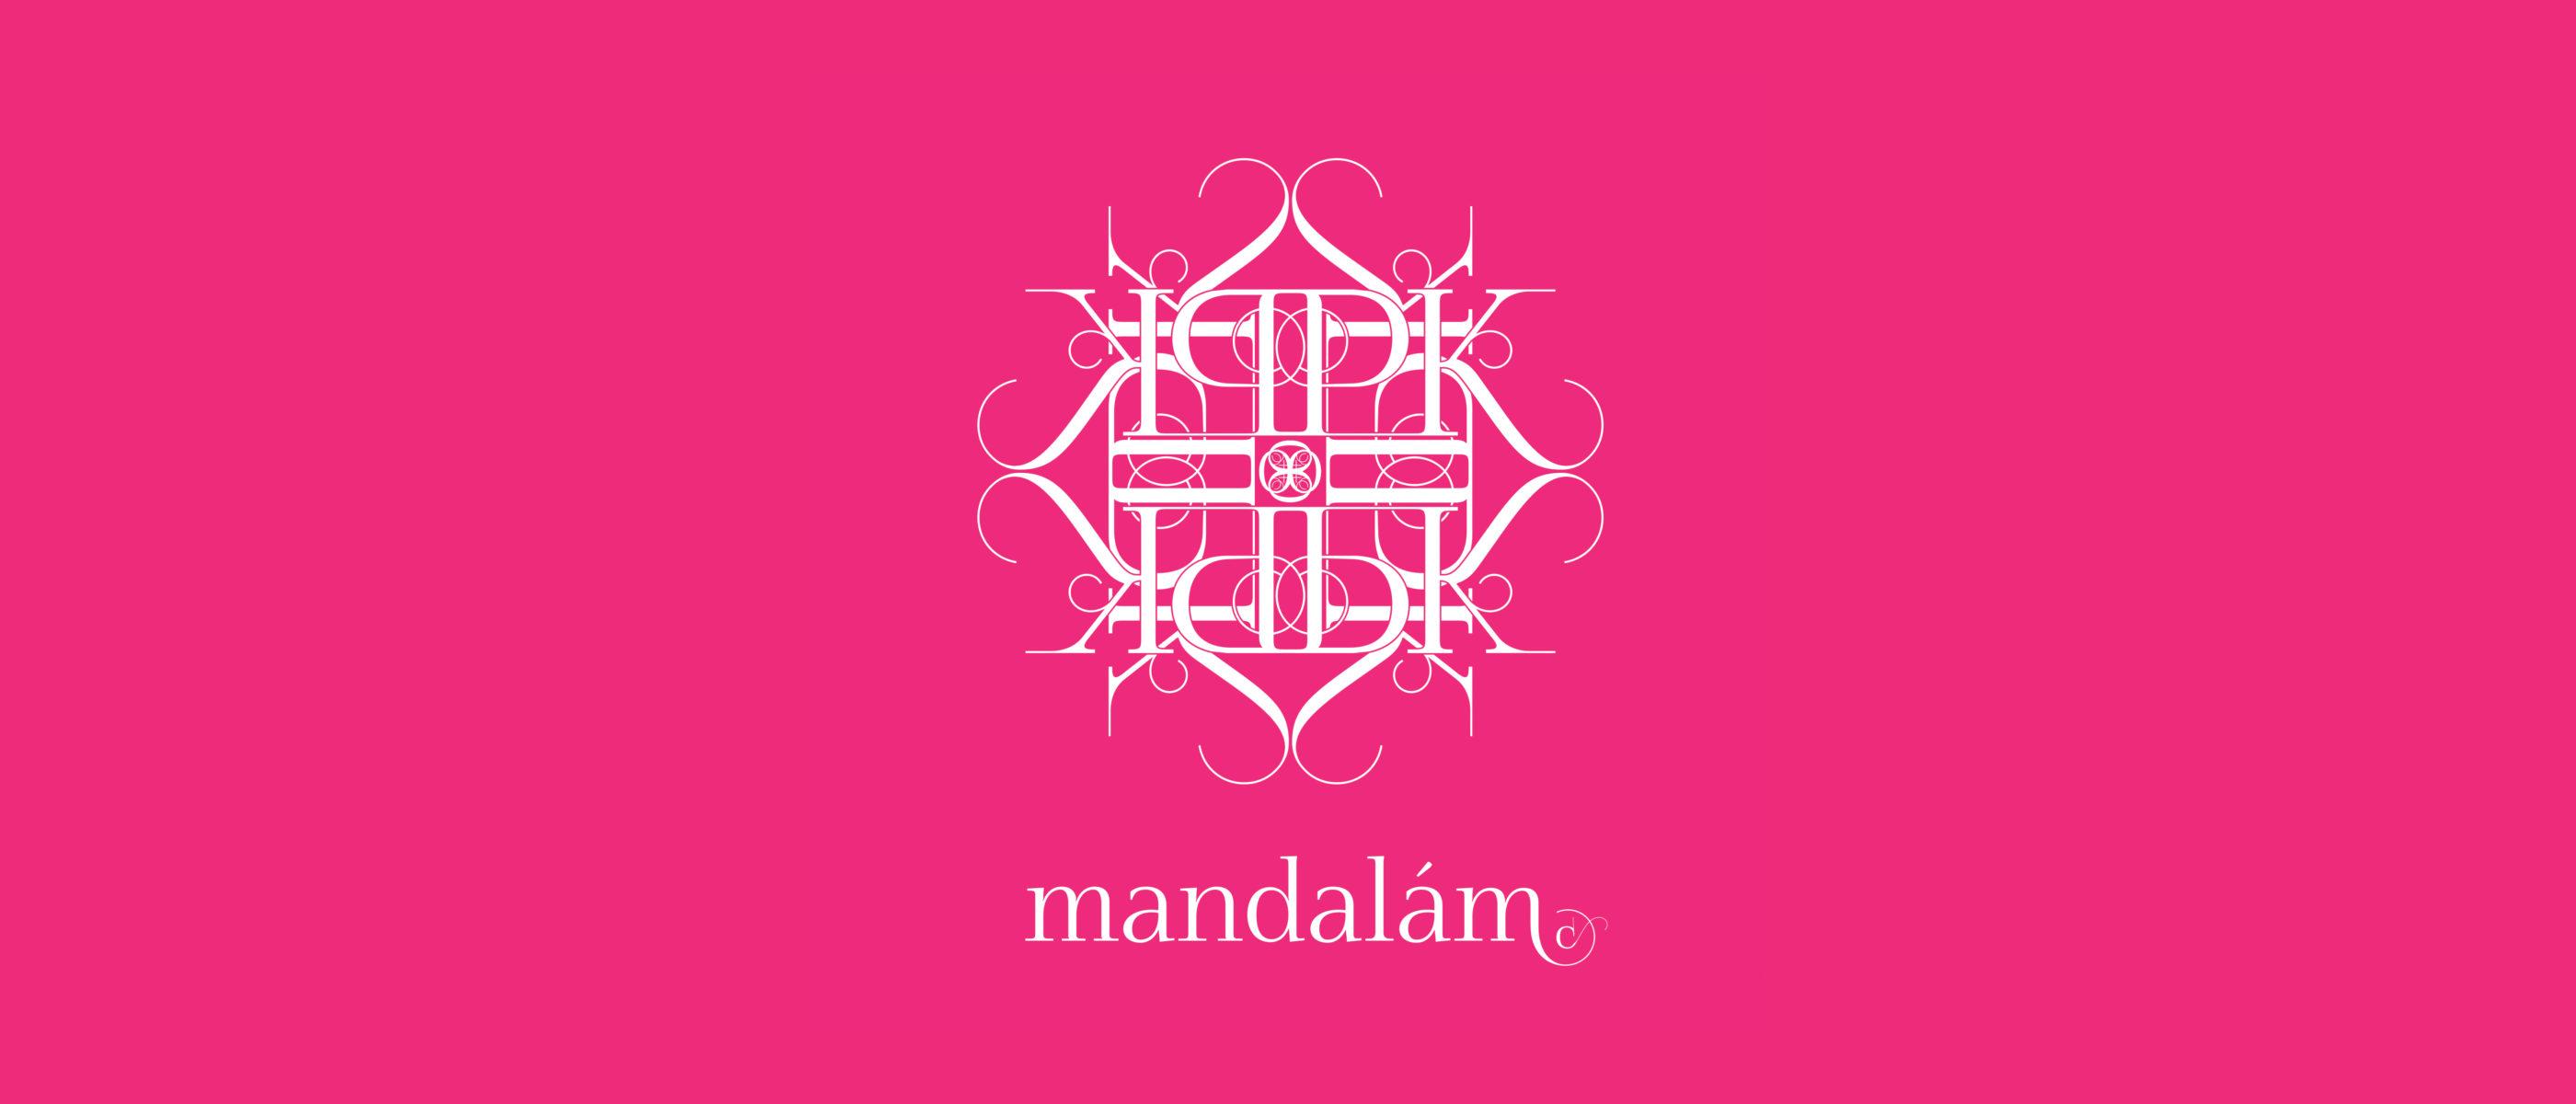 Személyes mandala monogramból, vagy egyszerű jelből